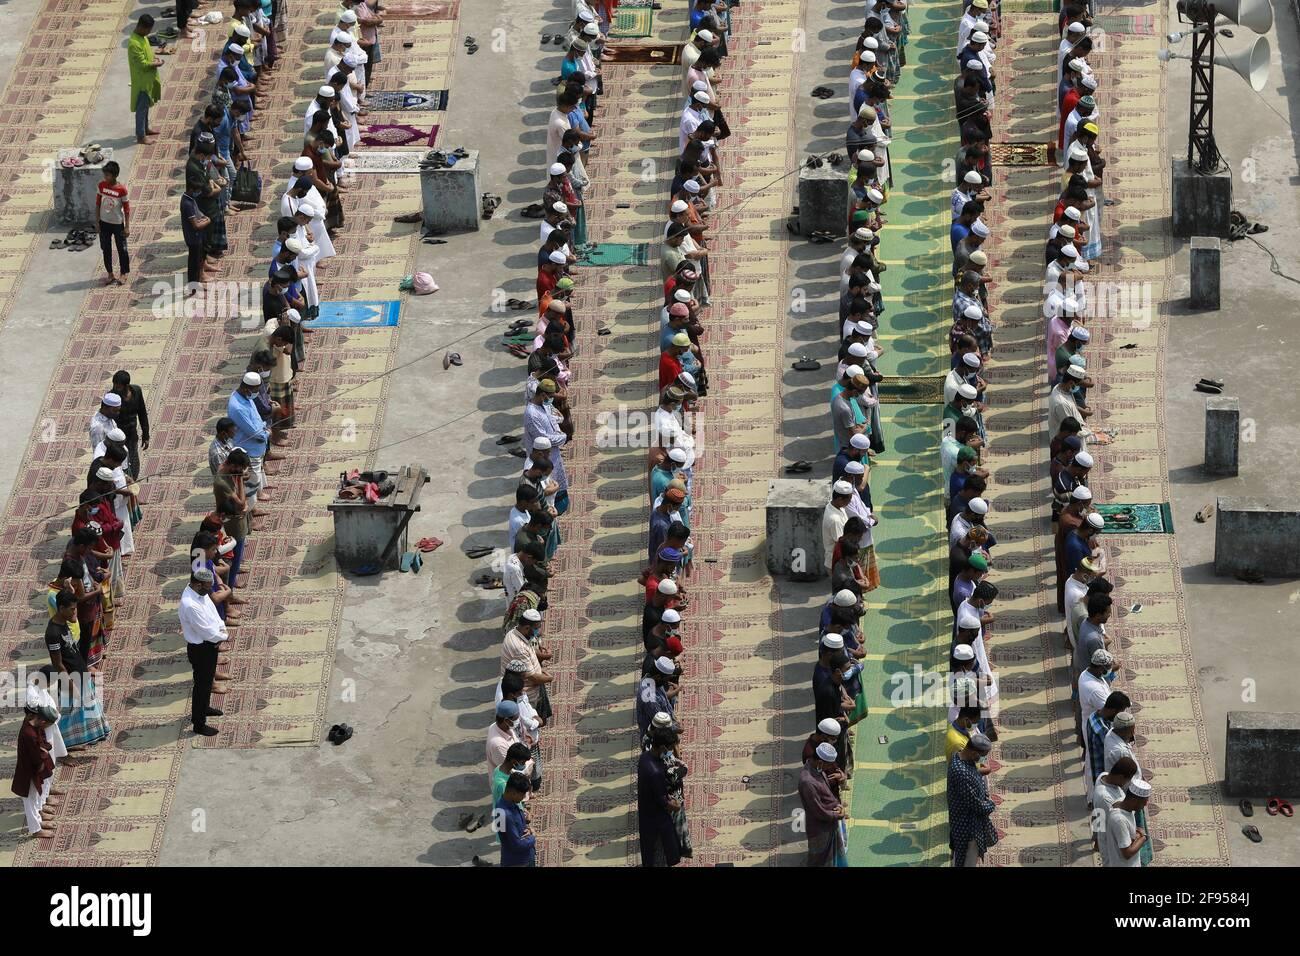 Dhaka, Bangladesh. 16 Apr 2021. La gente esegue la preghiera del venerdì durante il mese santo dei musulmani Ramadan, a Dhaka, Bangladesh, 16 aprile 2021. Il Bangladesh implementa una restrizione sociale su larga scala che include un protocollo rigoroso per tenere la preghiera comune come indossare la maschera facciale, fornendo disinfettante, distanza fisica per prevenire la diffusione di COVID-19. Foto di Kanti Das Suvra/ABACAPRESS.COM Credit: Abaca Press/Alamy Live News Foto Stock